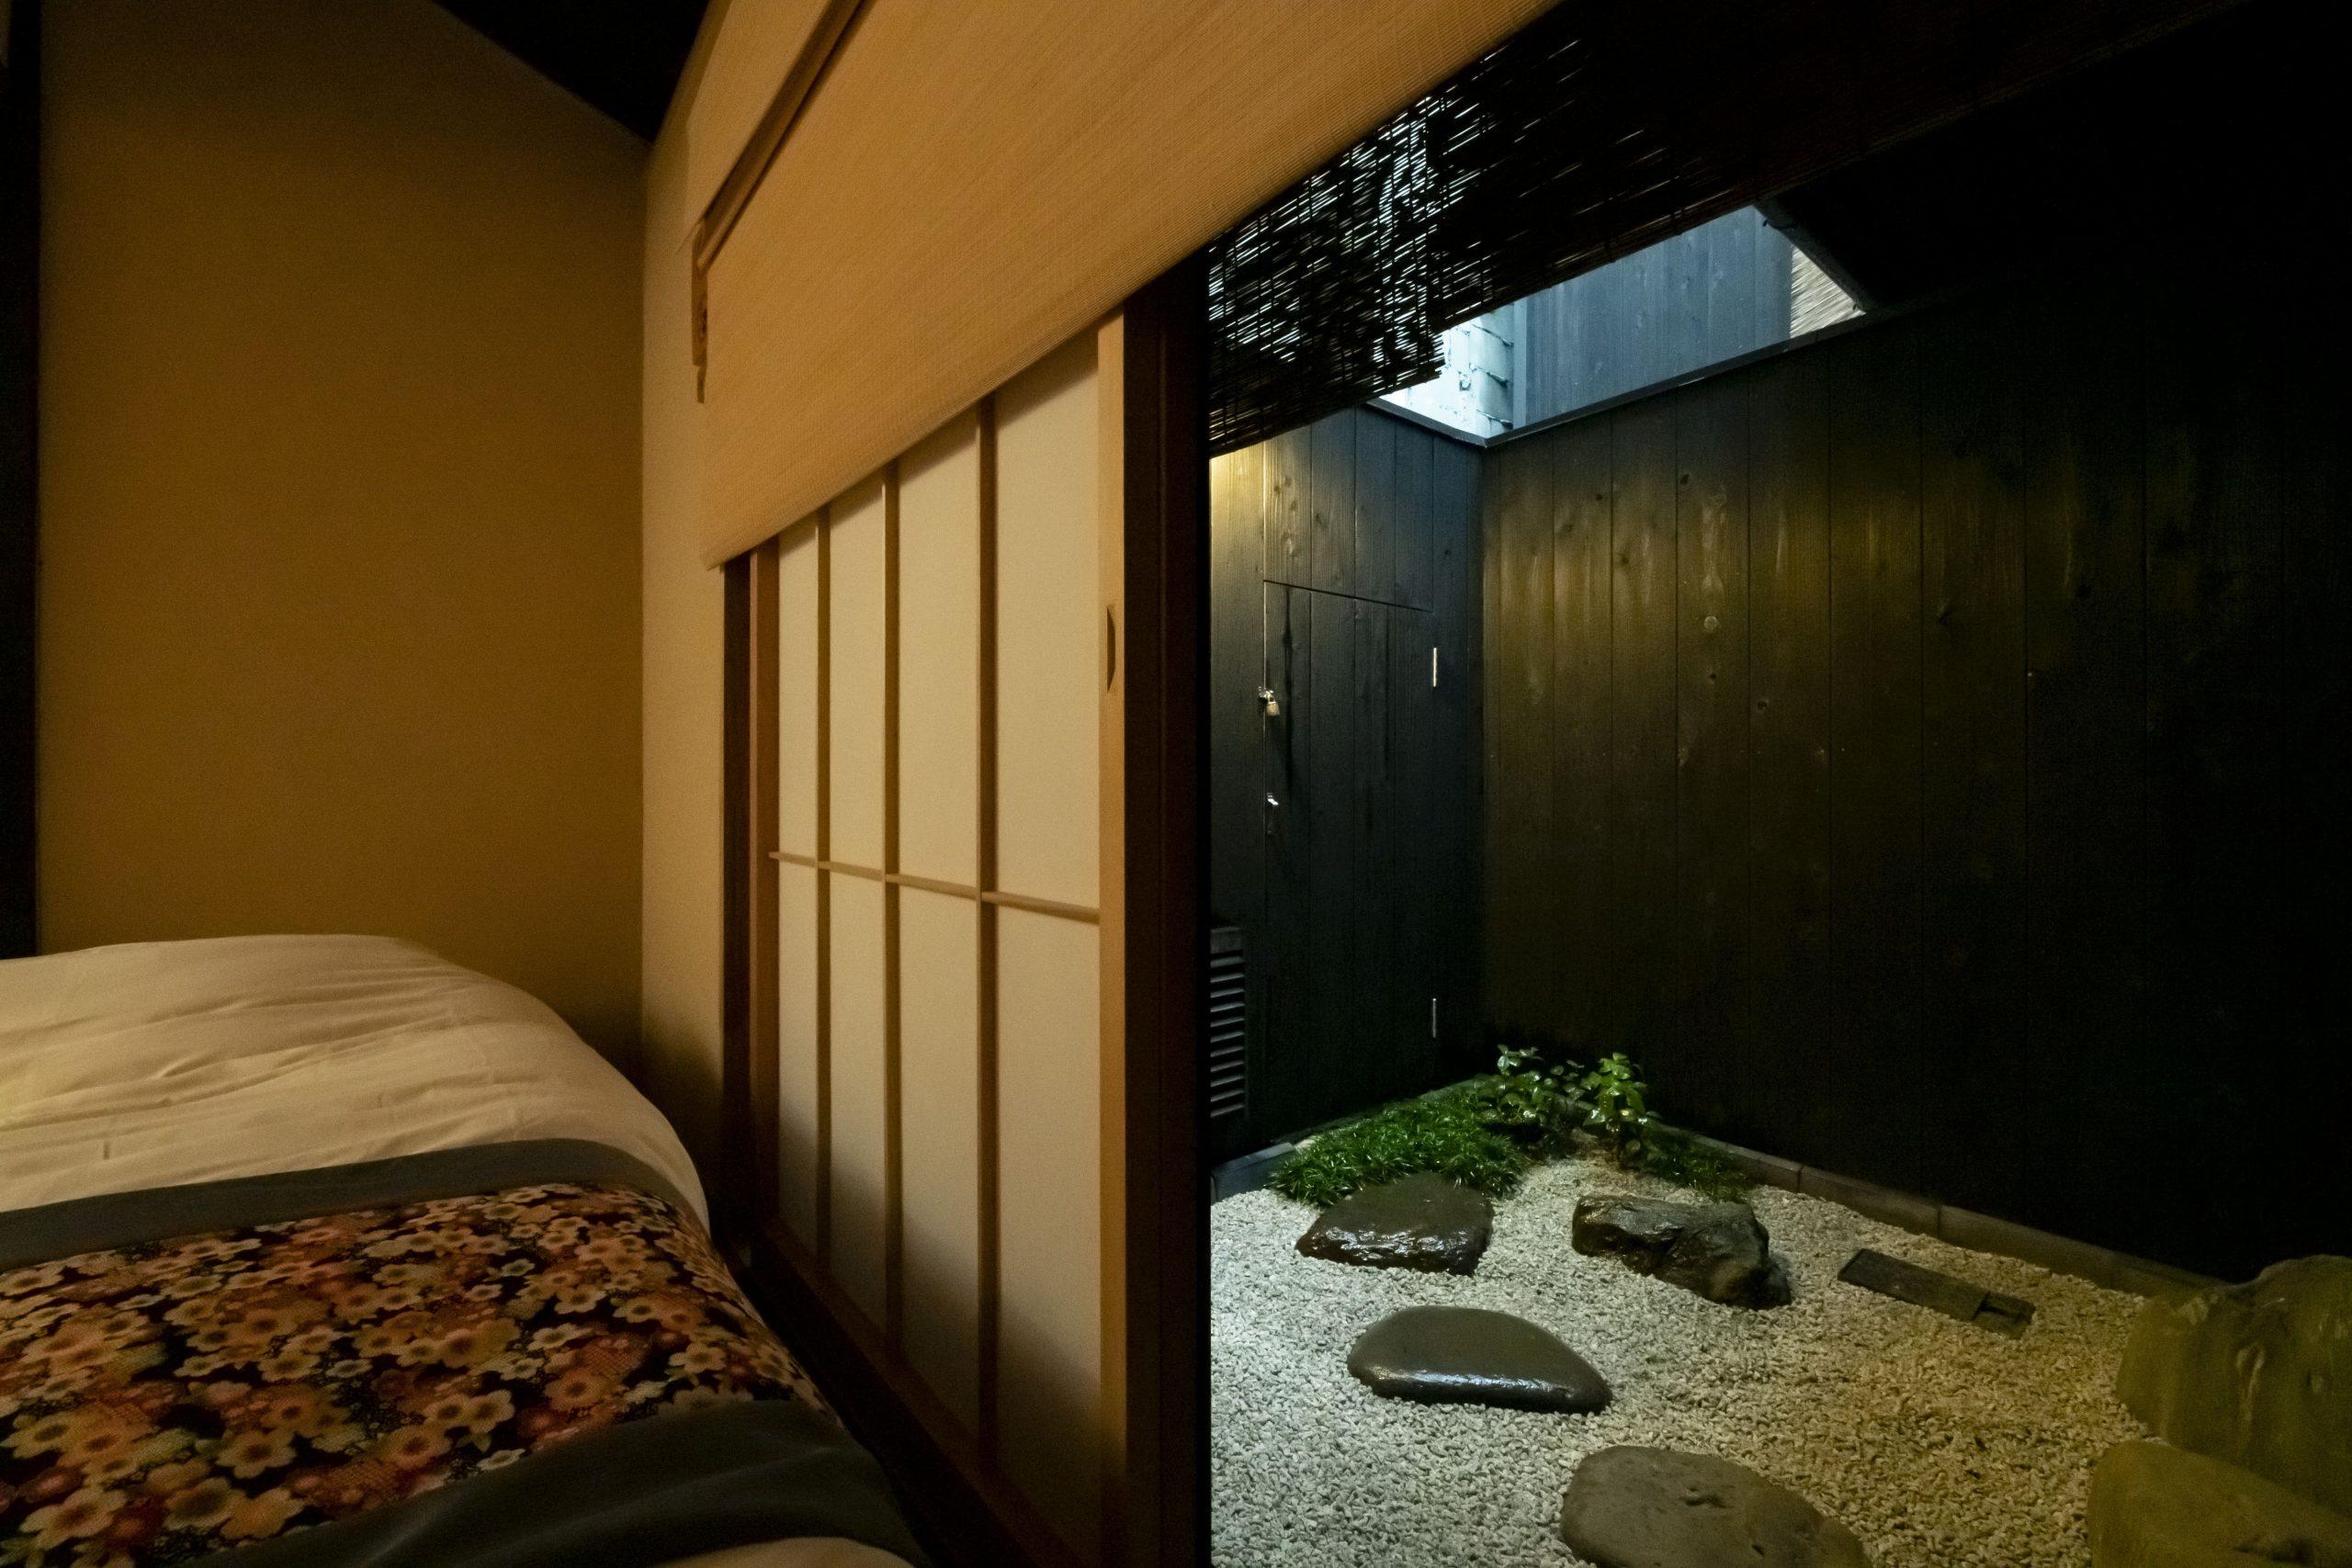 [6泊]6連泊(日~金)×1週 甲子(かし)檜風呂付和室 1~2名利用プラン